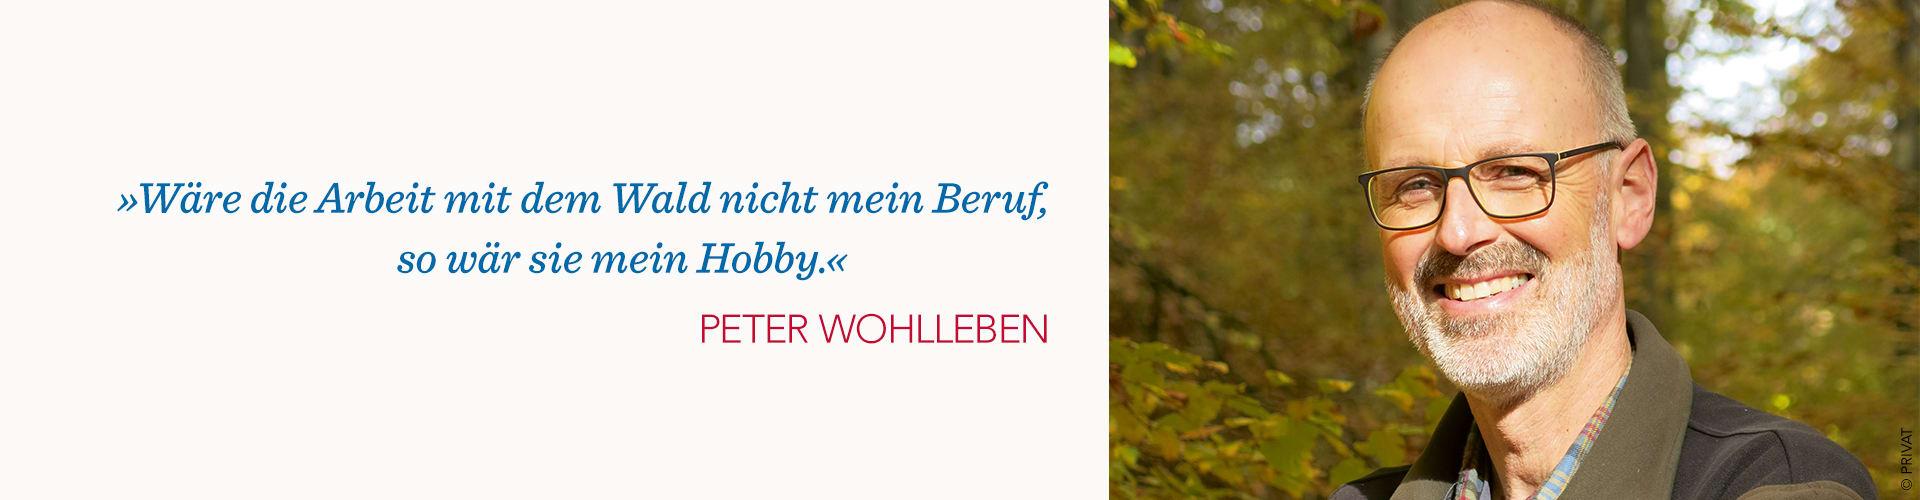 Peter Wohlleben Portrait und Zitat